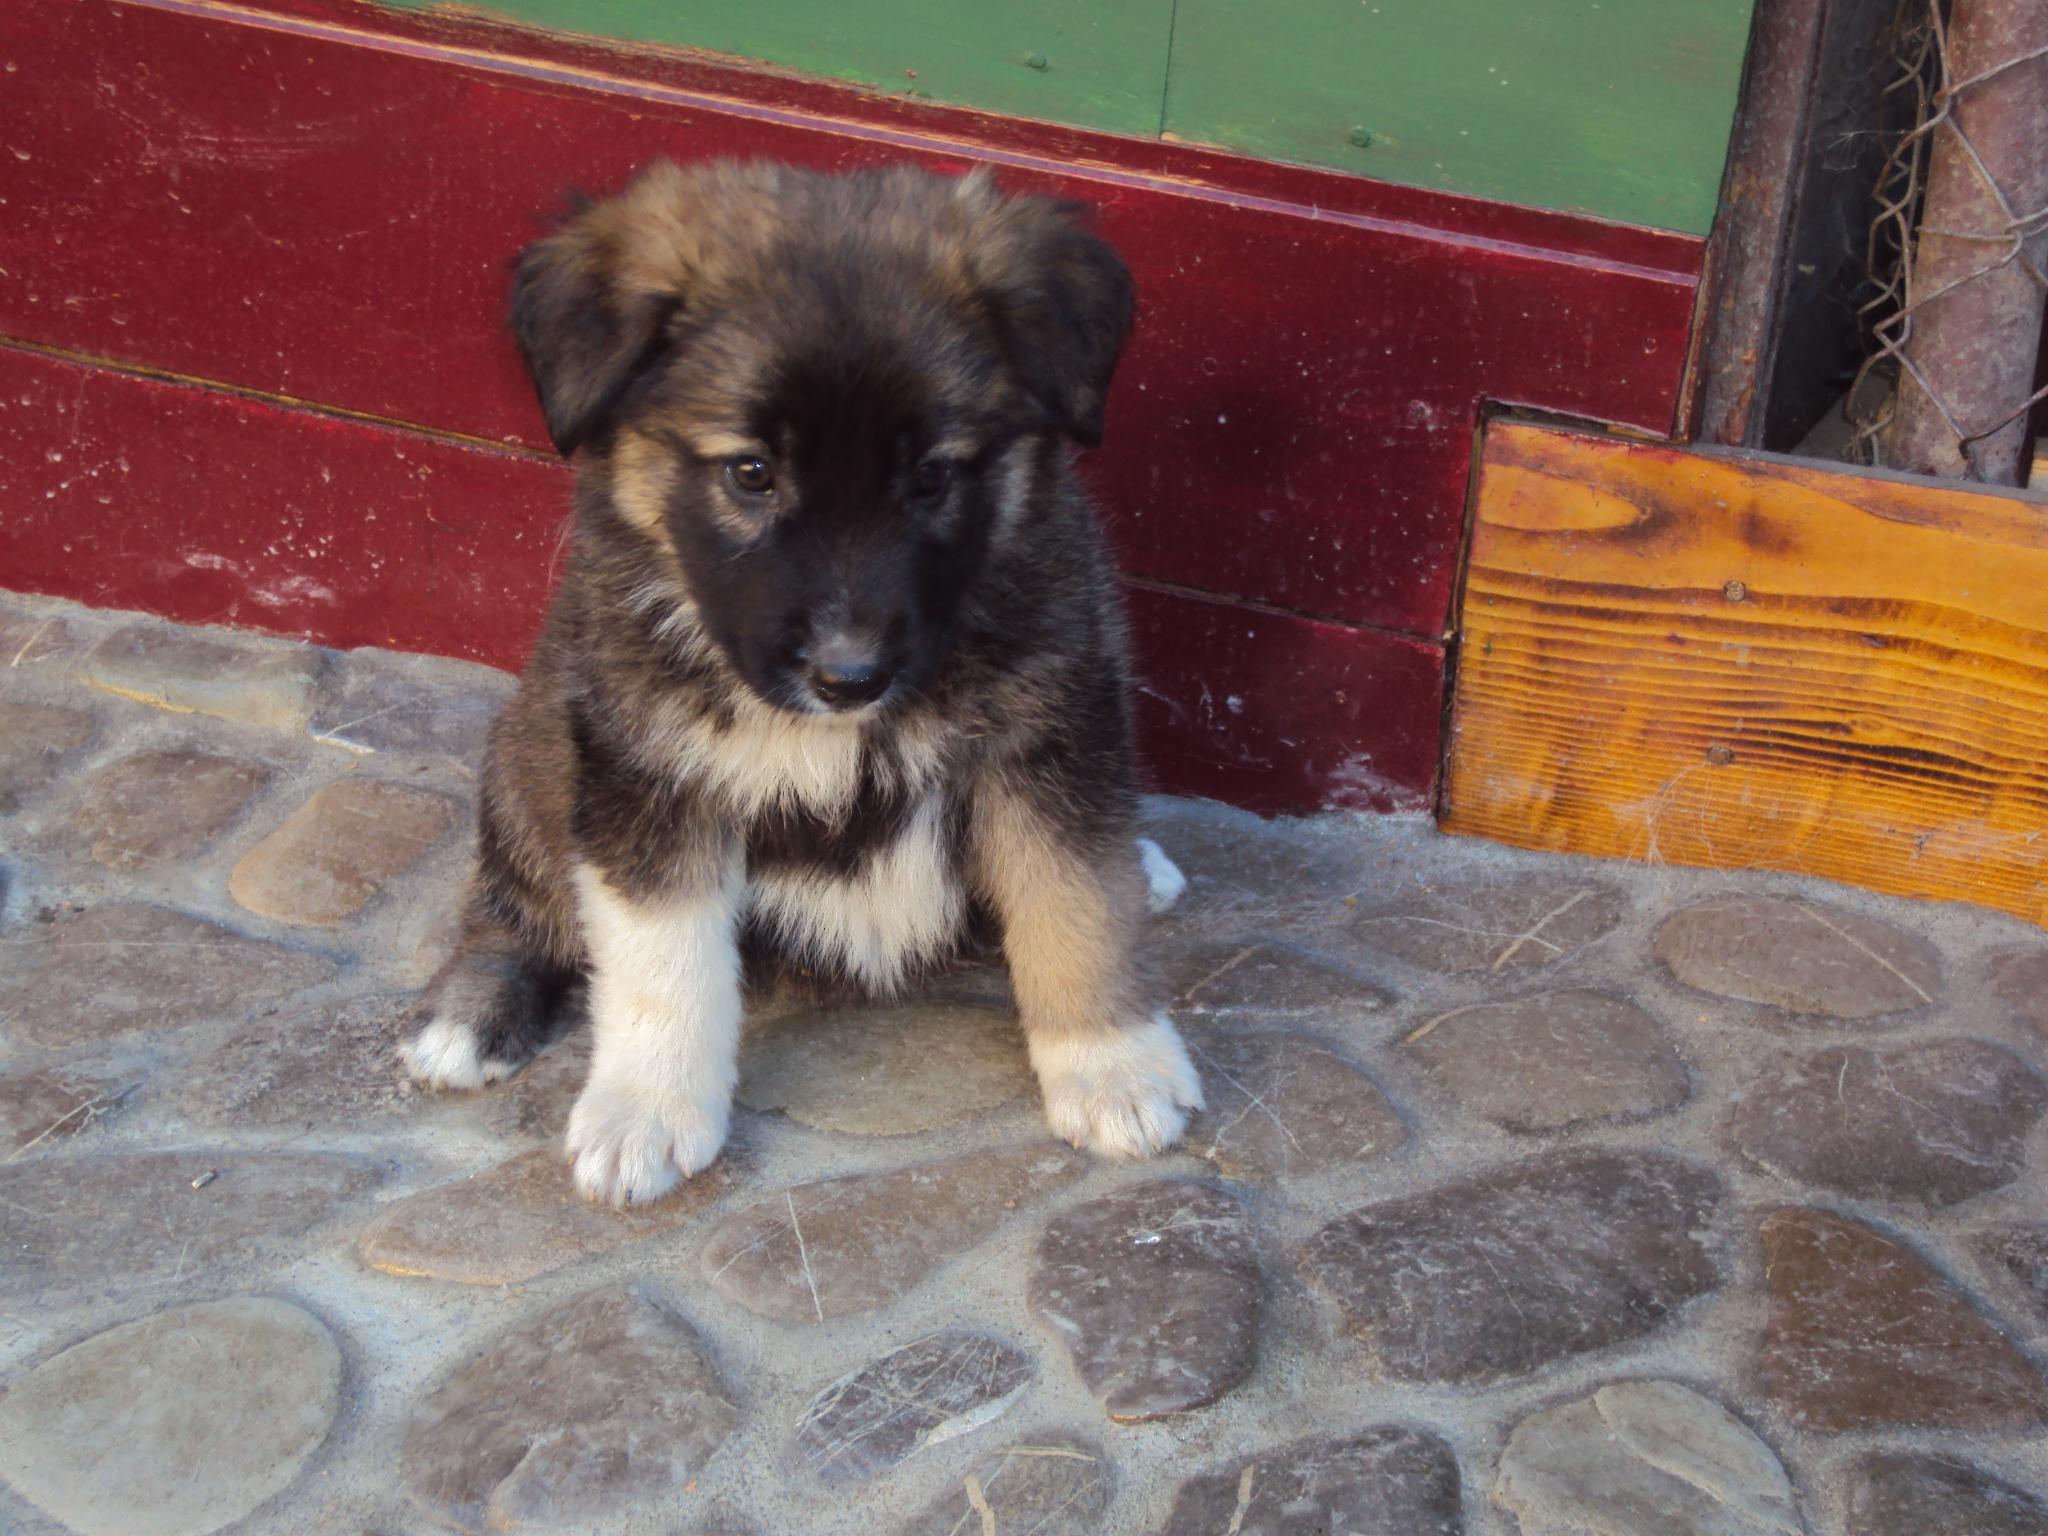 Carpathian Shepherd Dog: Carpathian Lovely Carpathian Shepherd Puppy Breed